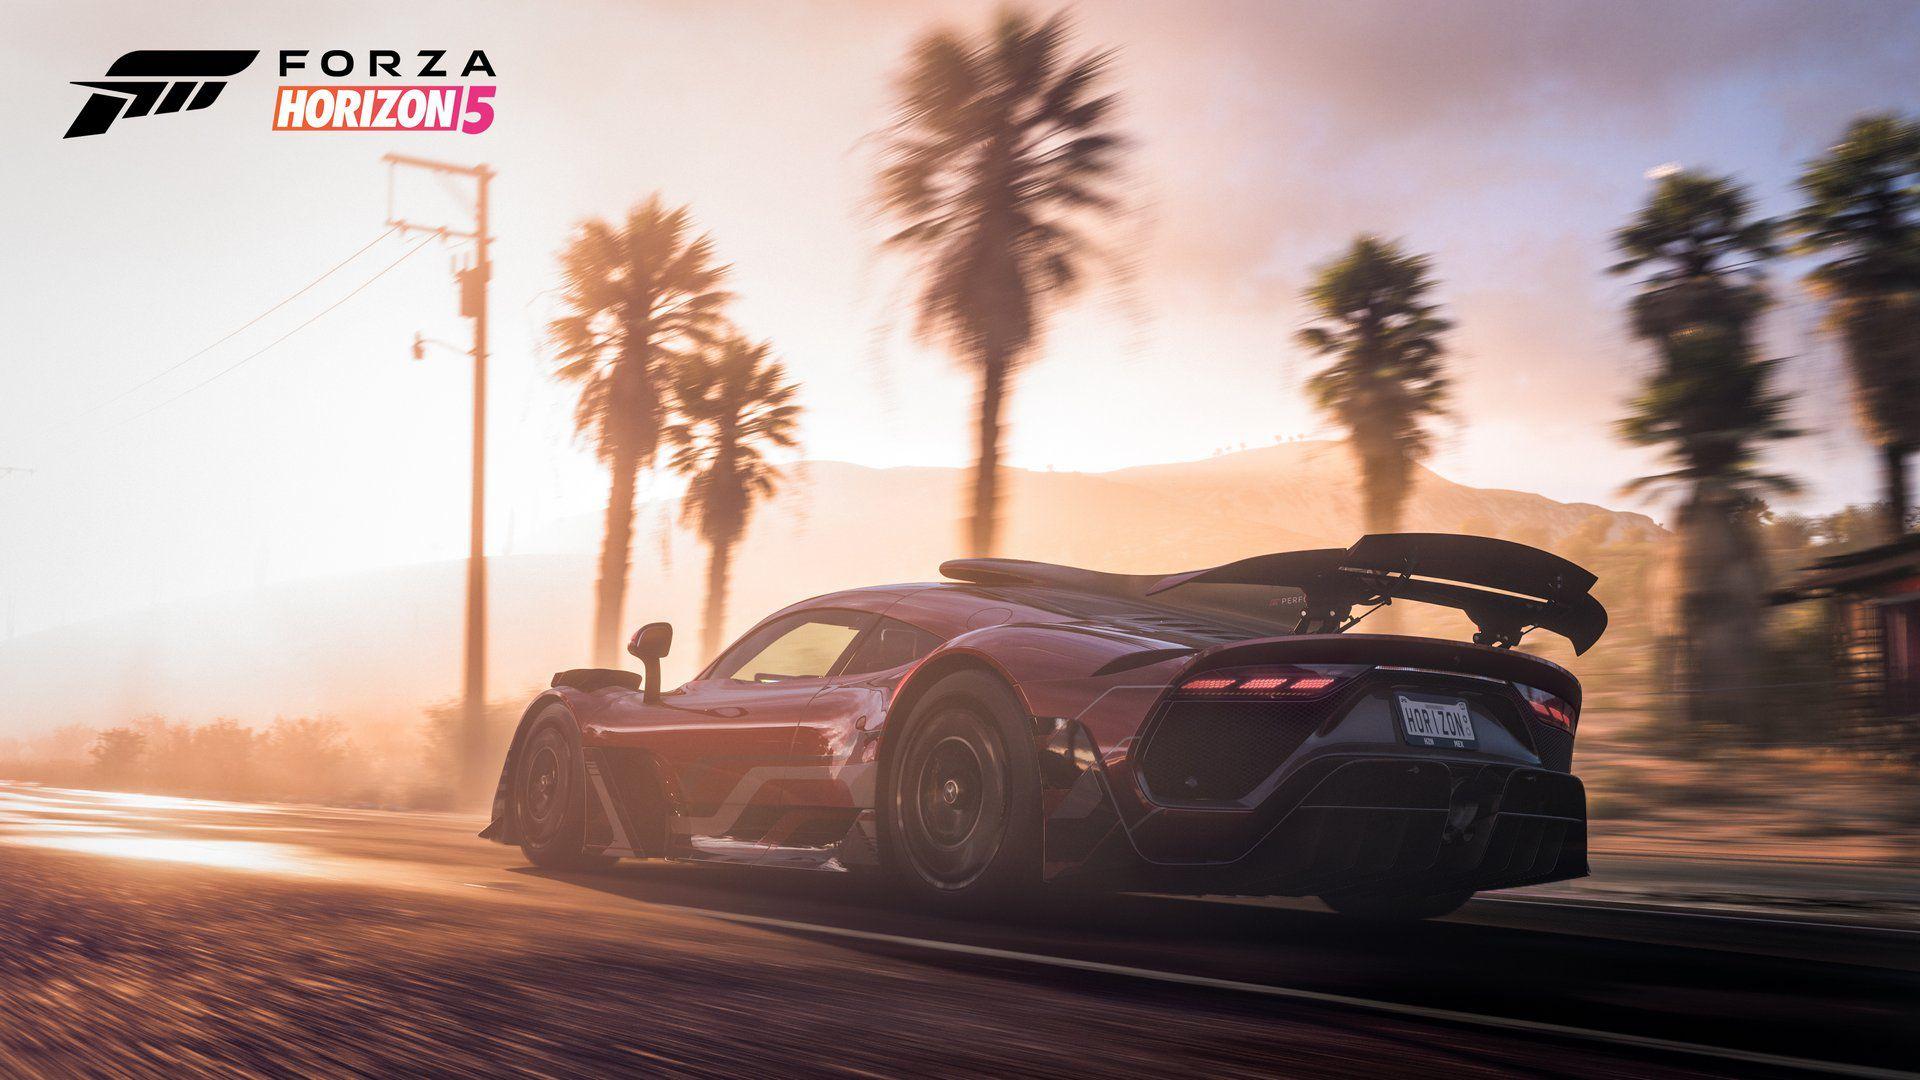 Forza Horizon 5: carreras de resistencia y animales en el título de carreras